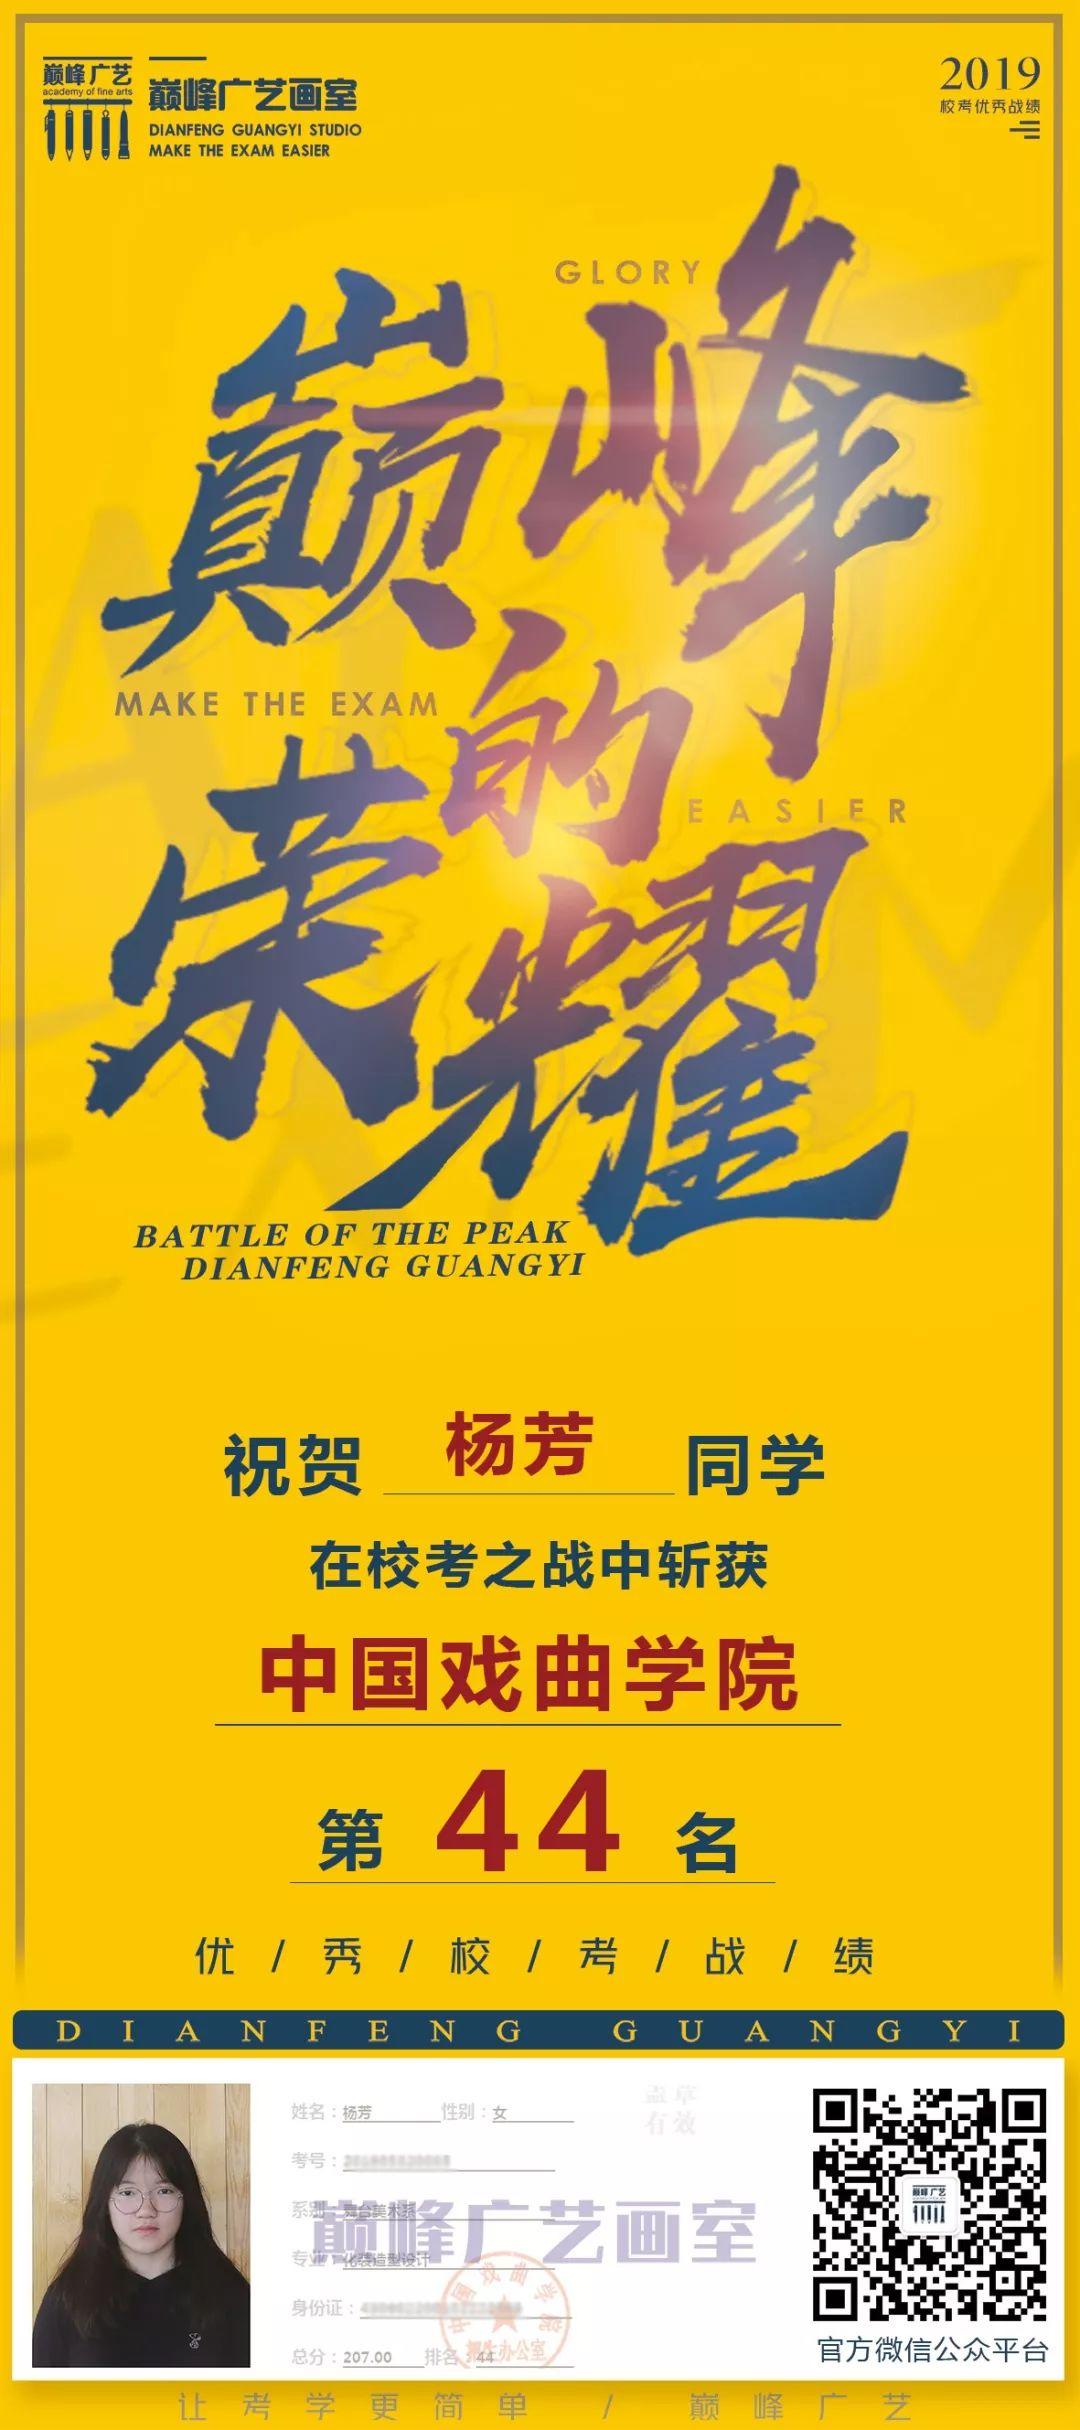 中国传媒大学,北京电影学院,中央戏剧学院,北京巅峰广艺画室       78